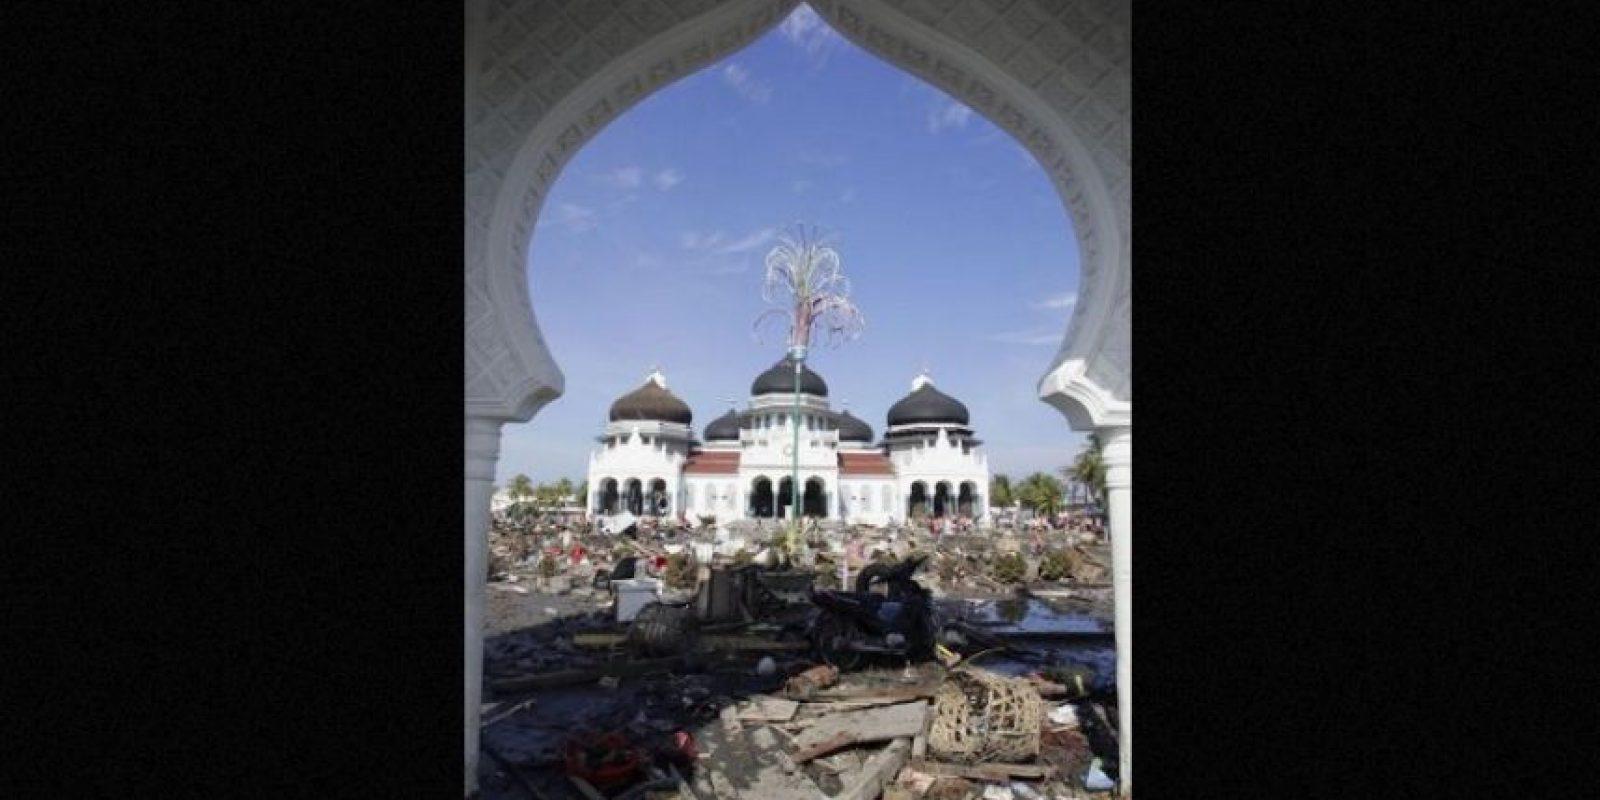 5. 26 de diciembre de 2004, Isla de Sumatra, Indonesia: Después de un mes se supo que dejó aproximadamente 230 mil muertos. Foto:Getty Images